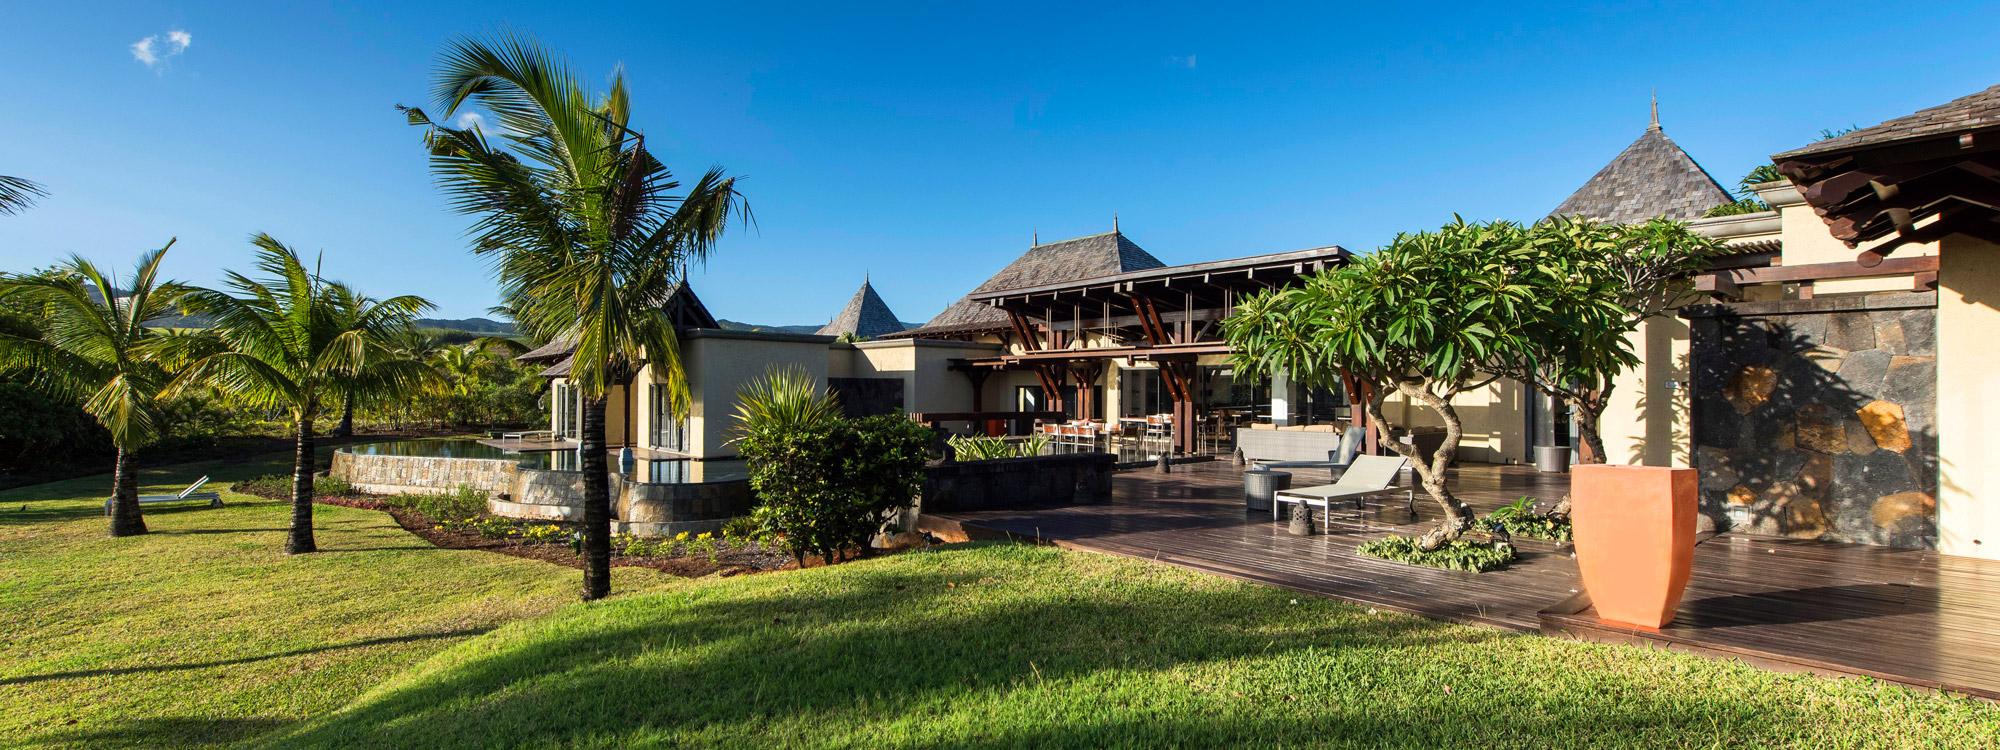 Immobilier de prestige, IRS à l'île maurice